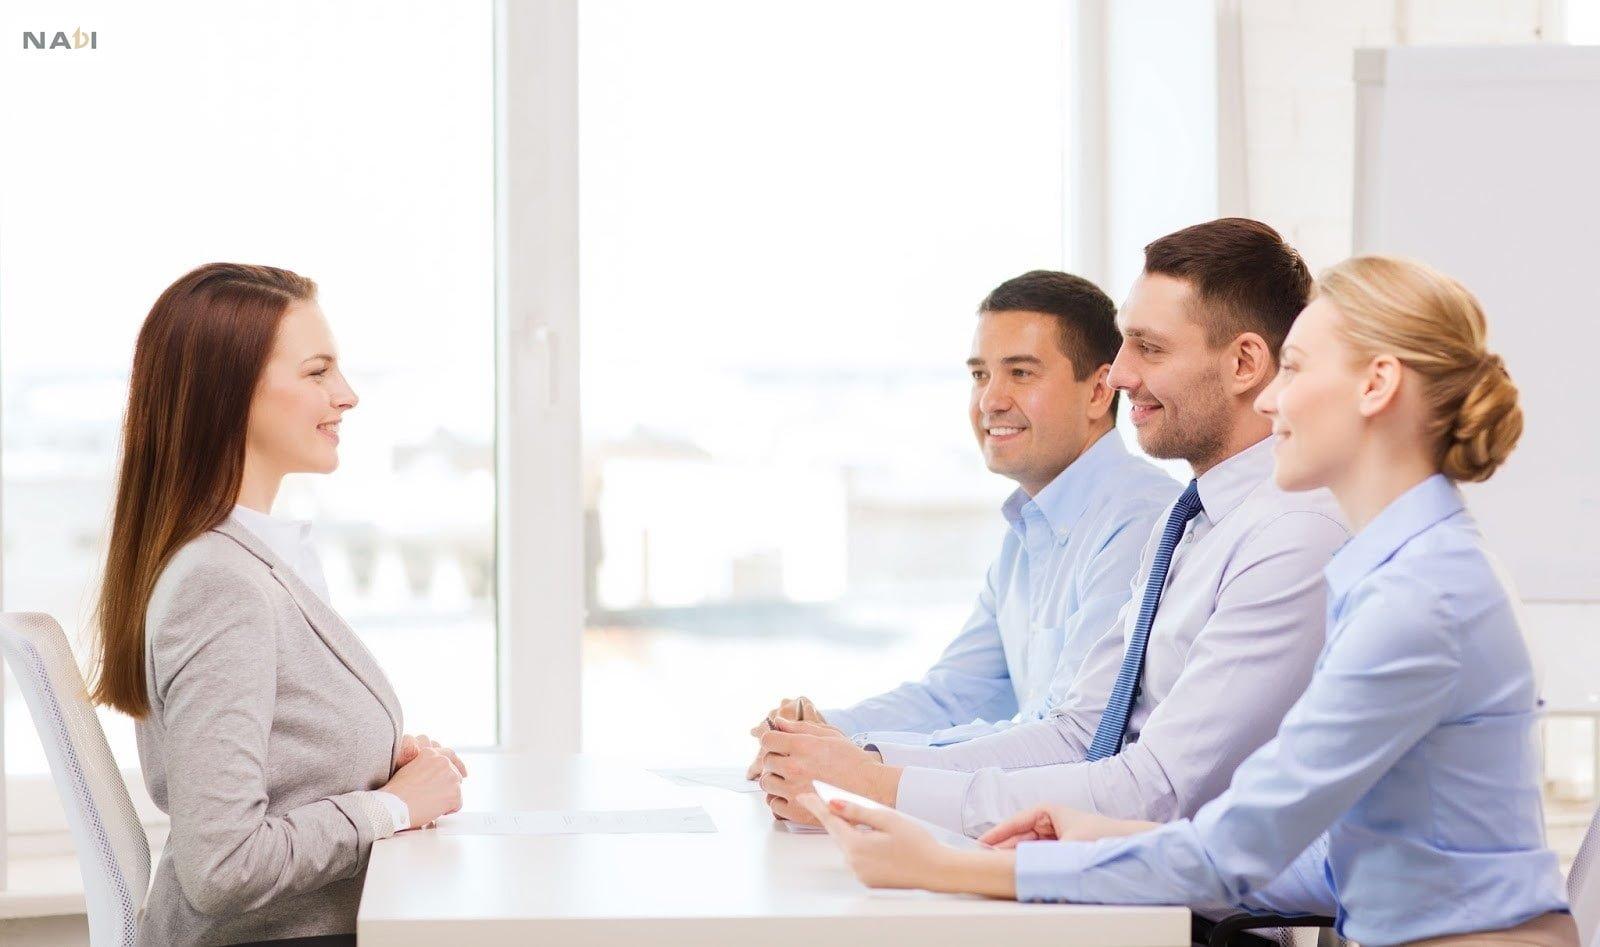 Học tiếng anh giao tiếp công sở giúp bạn tự tin hơn trong cuộc phỏng vấn.